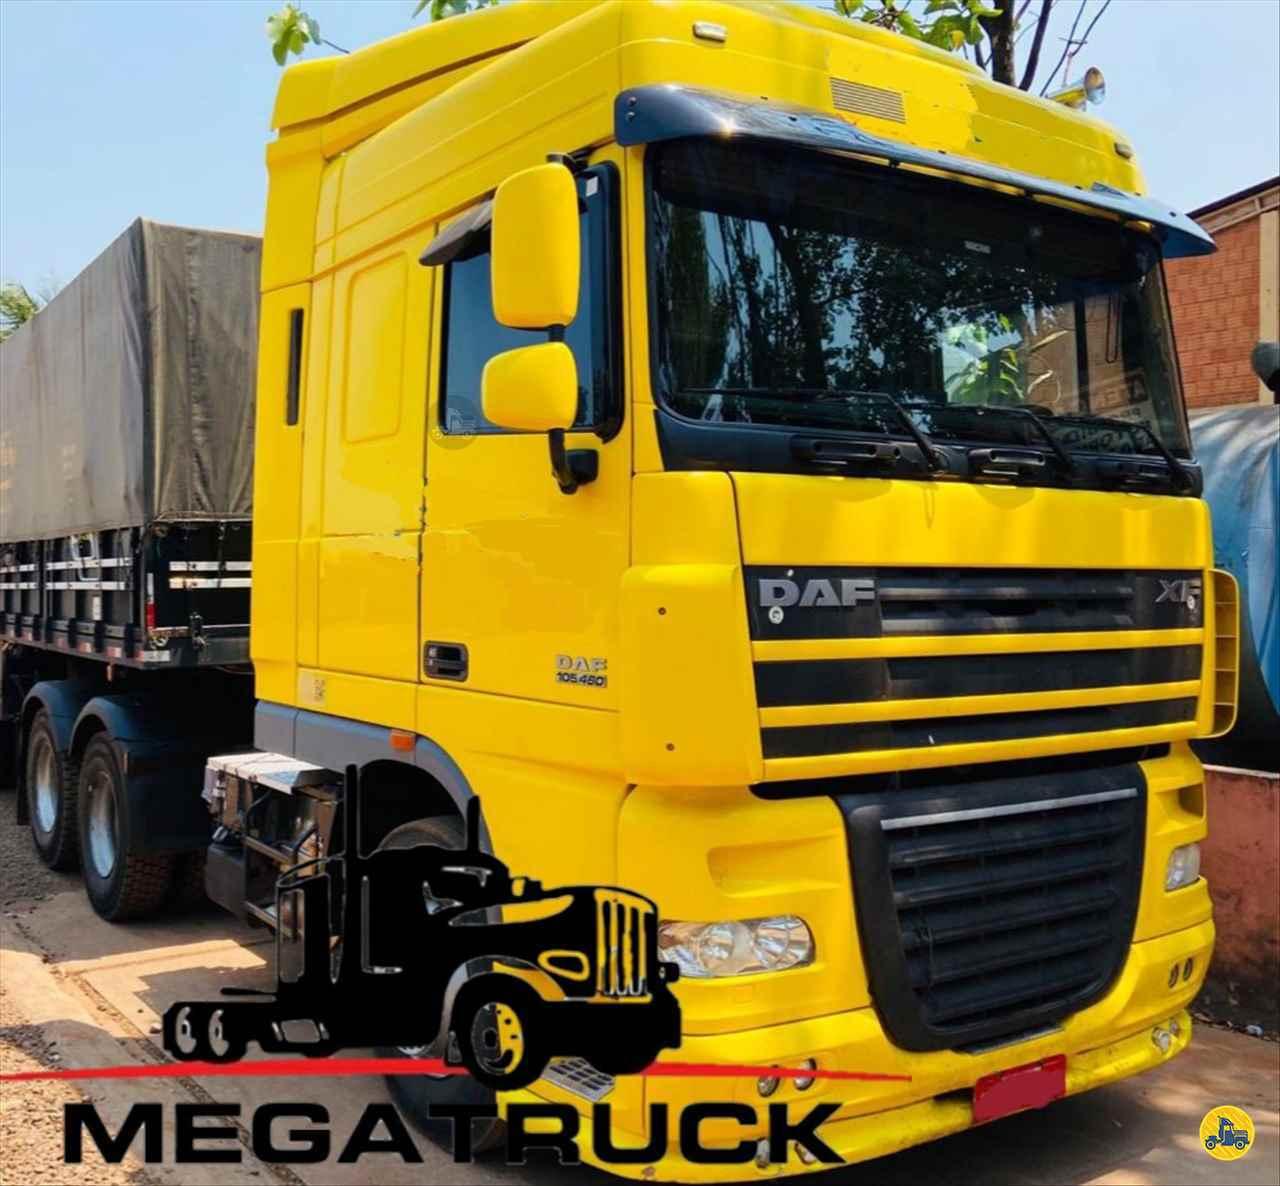 CAMINHAO DAF DAF XF105 460 Cavalo Mecânico Traçado 6x4 Megatruck Caminhões e Máquinas CAMPO GRANDE MATO GROSSO DO SUL MS